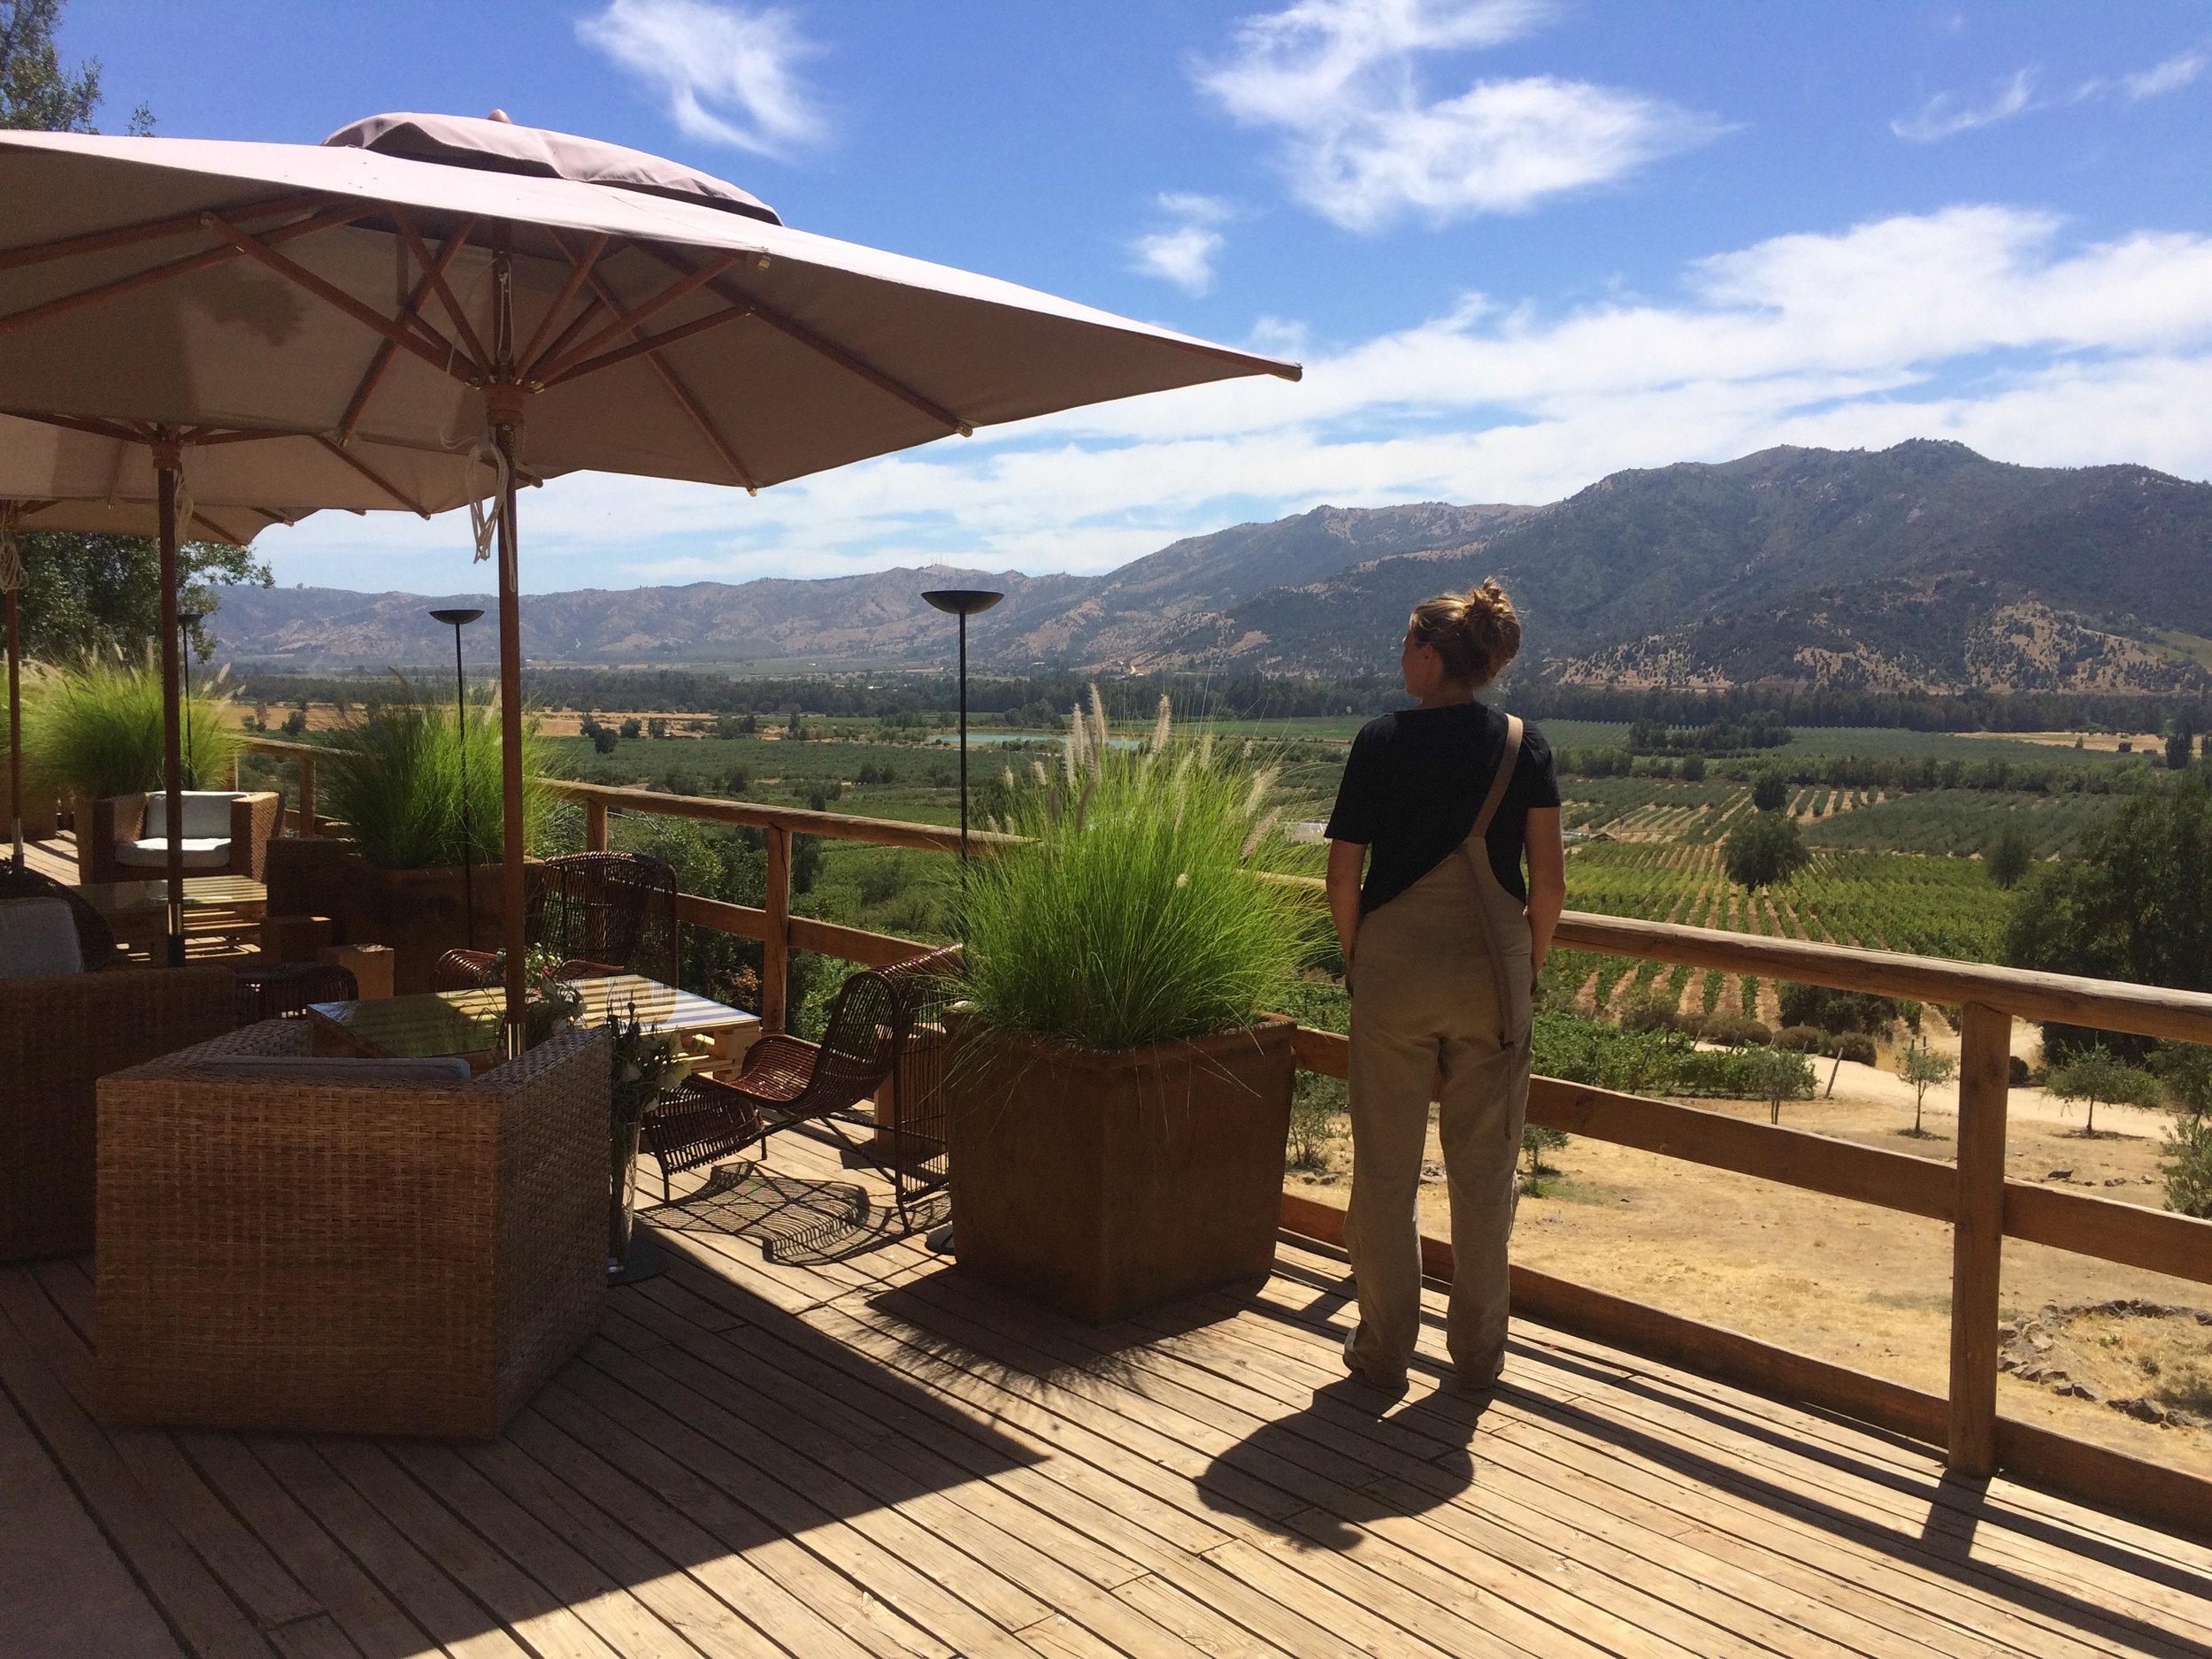 Uitzicht van het terras van de villa van Lurton.